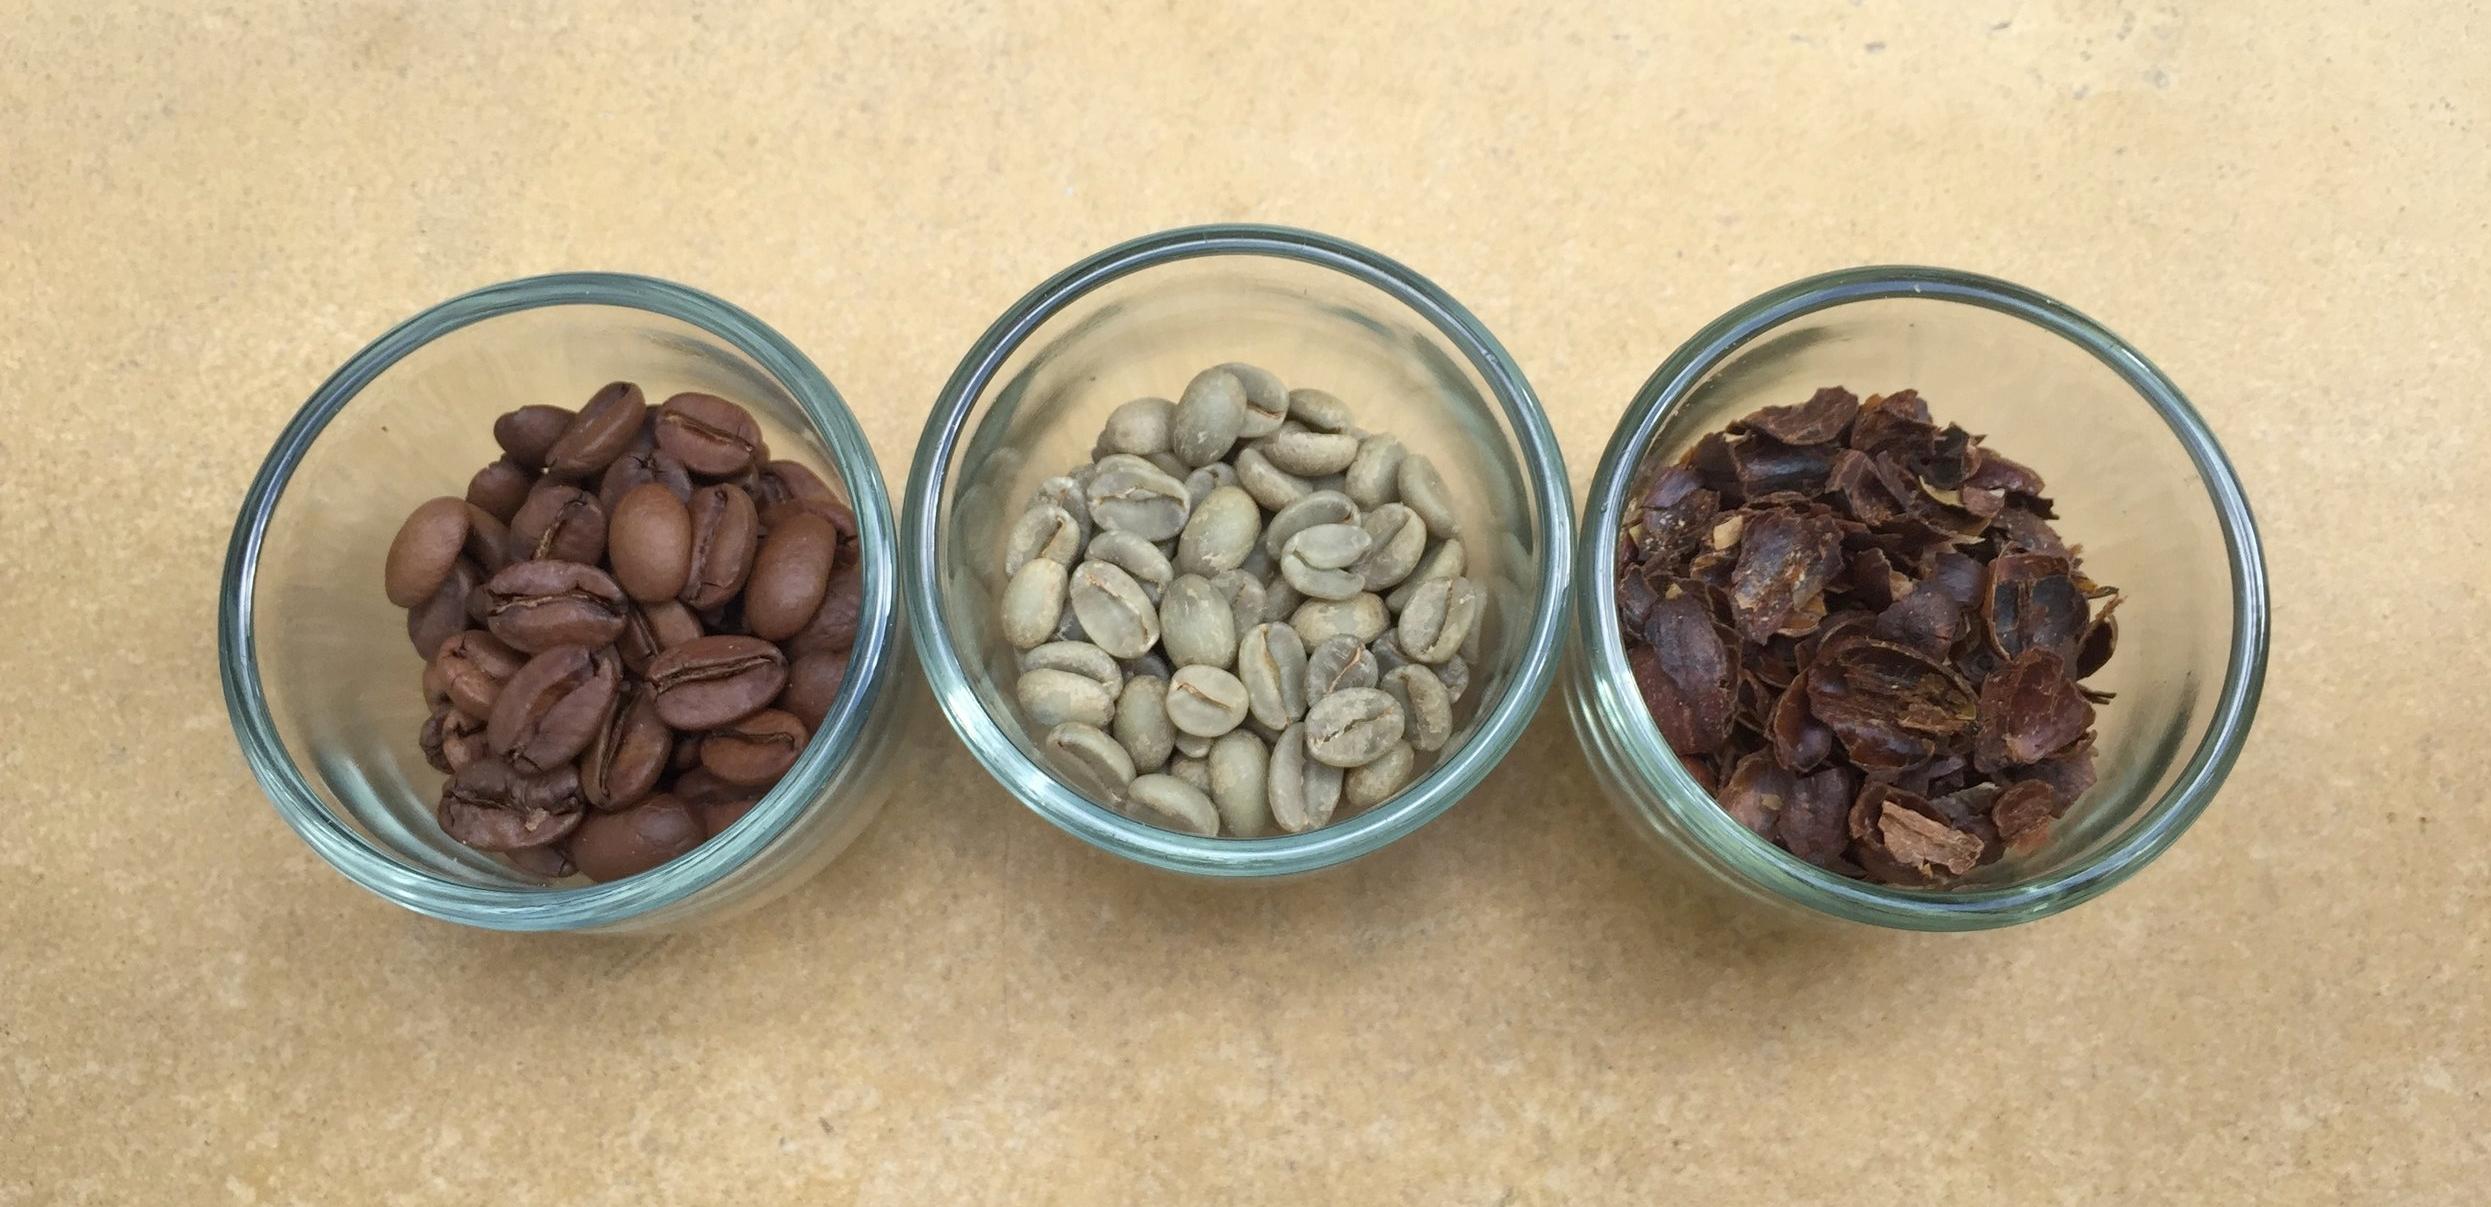 cafe natural, tostado, verde, y cascara – utilizamos cafe organico para nuestro cold brew mexicano